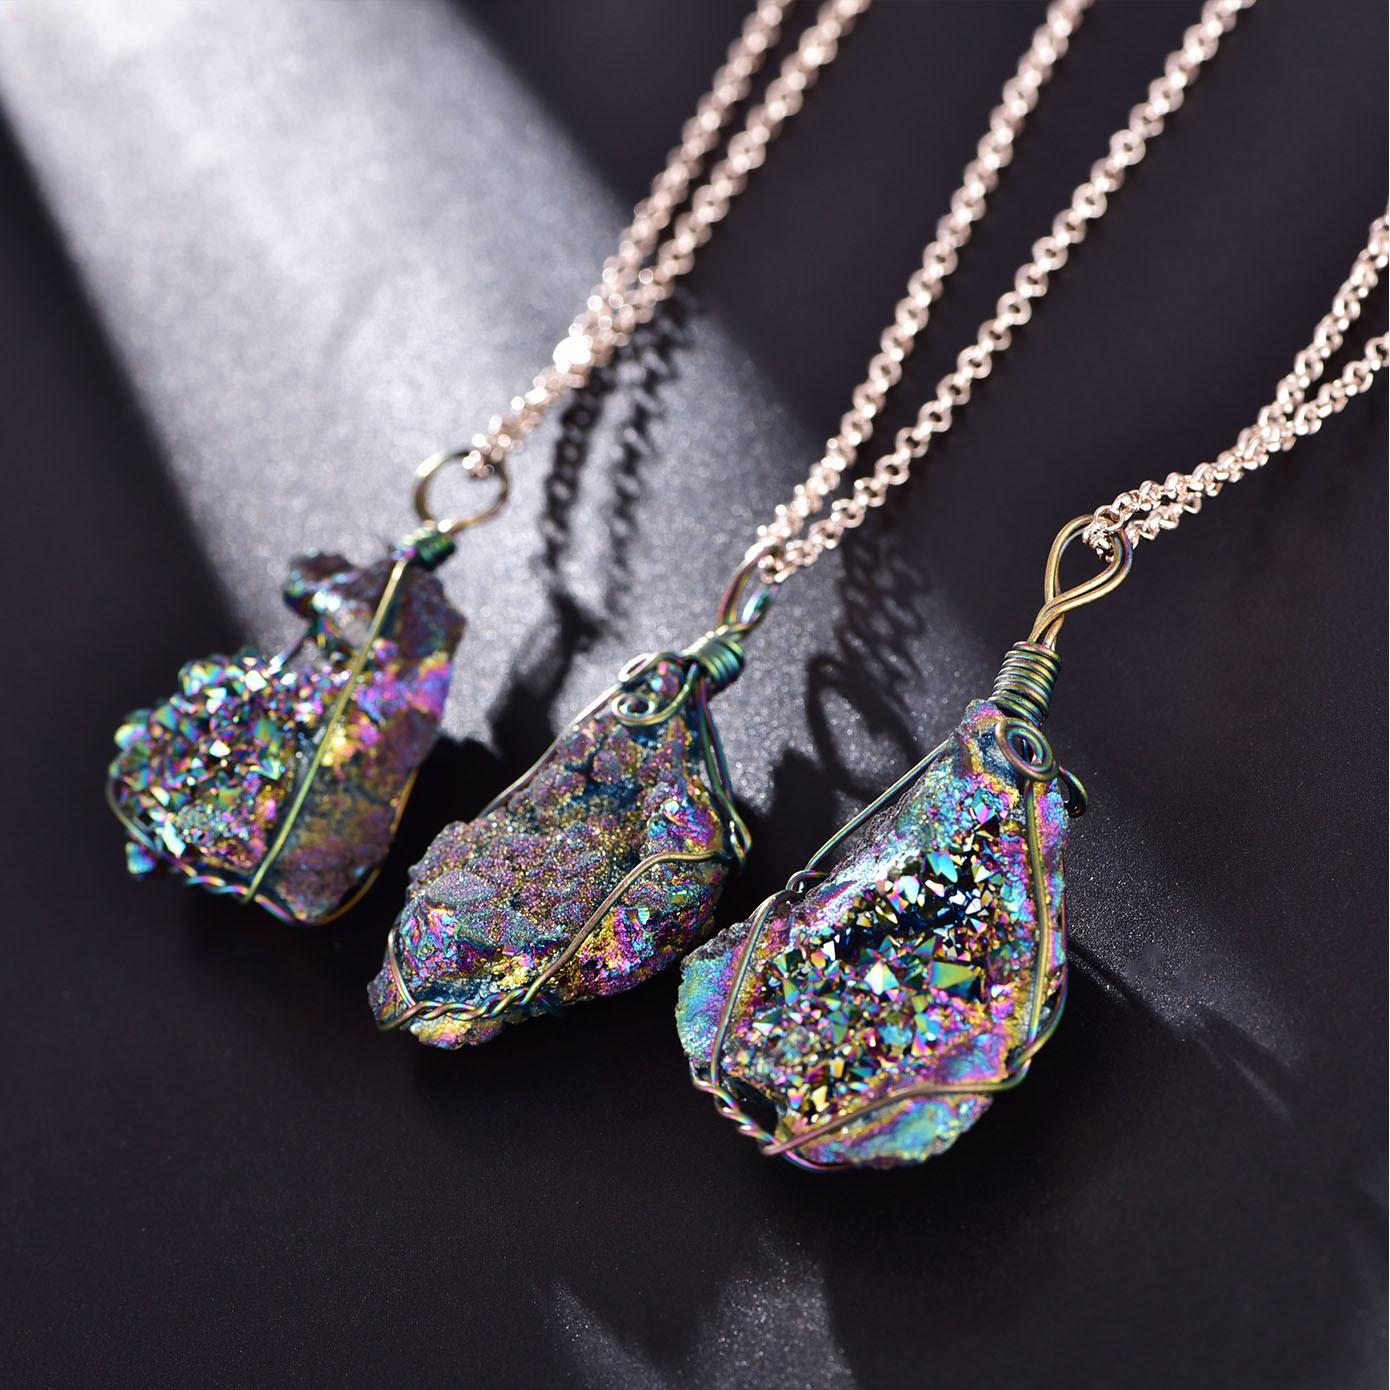 شقرا الحجر الطبيعي قلادة غير النظامية الخام المعدنية كريستال الكوارتز Druzy قلادة بيان قلادة خمر المجوهرات هدية عيد الميلاد